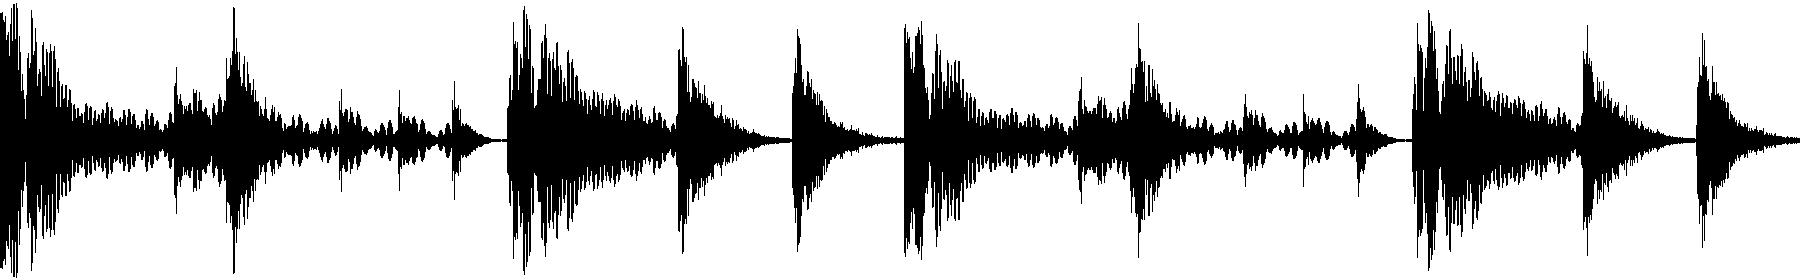 blbc electrodrums 130 03